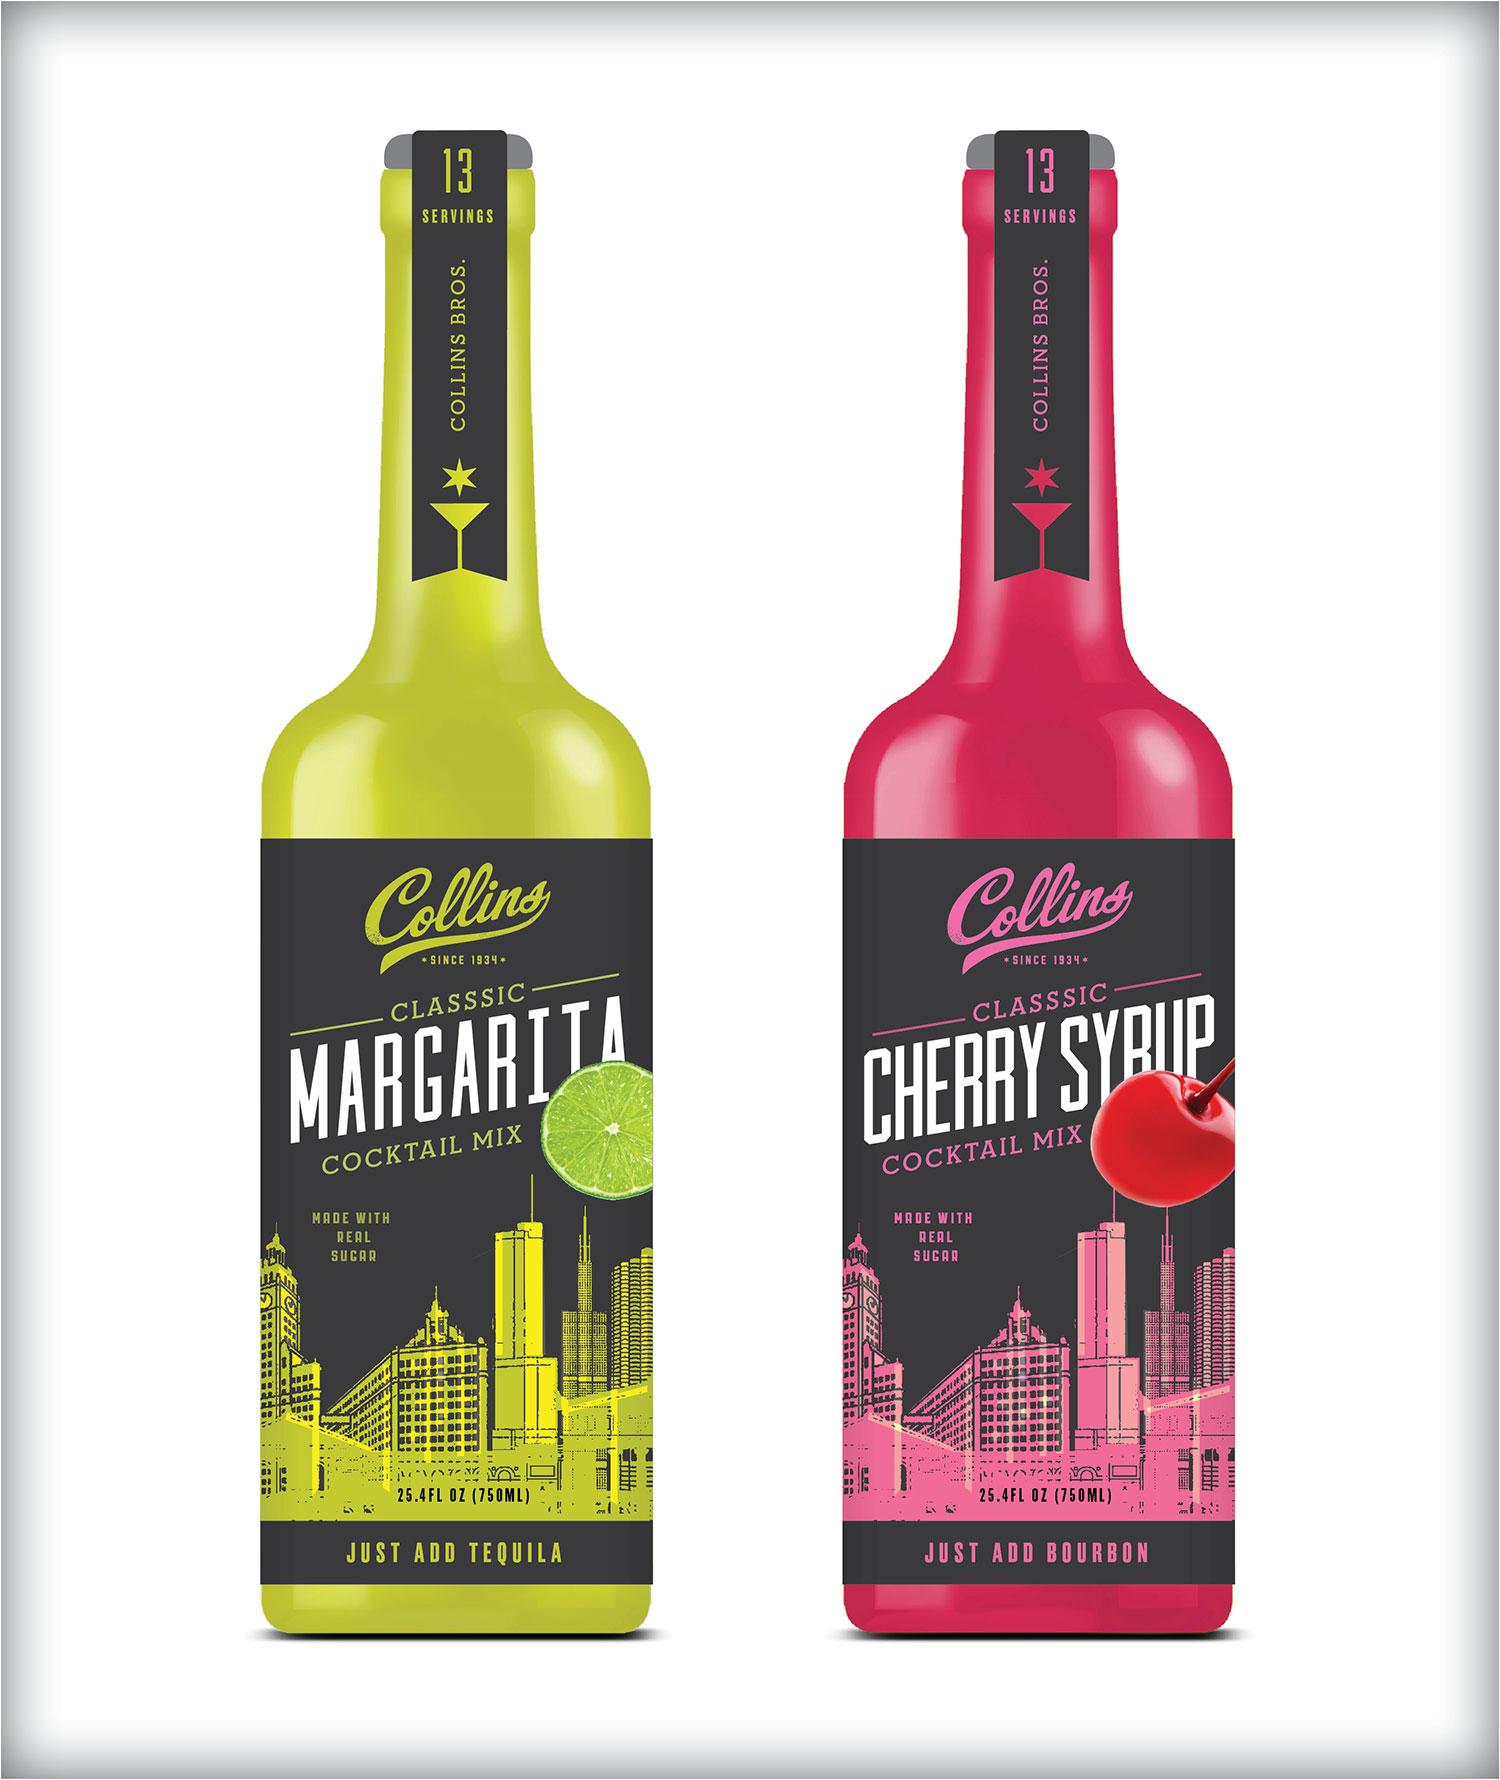 Collins-Rebrand-Packaging-MIXES-Yuri-Shvets-1.jpg